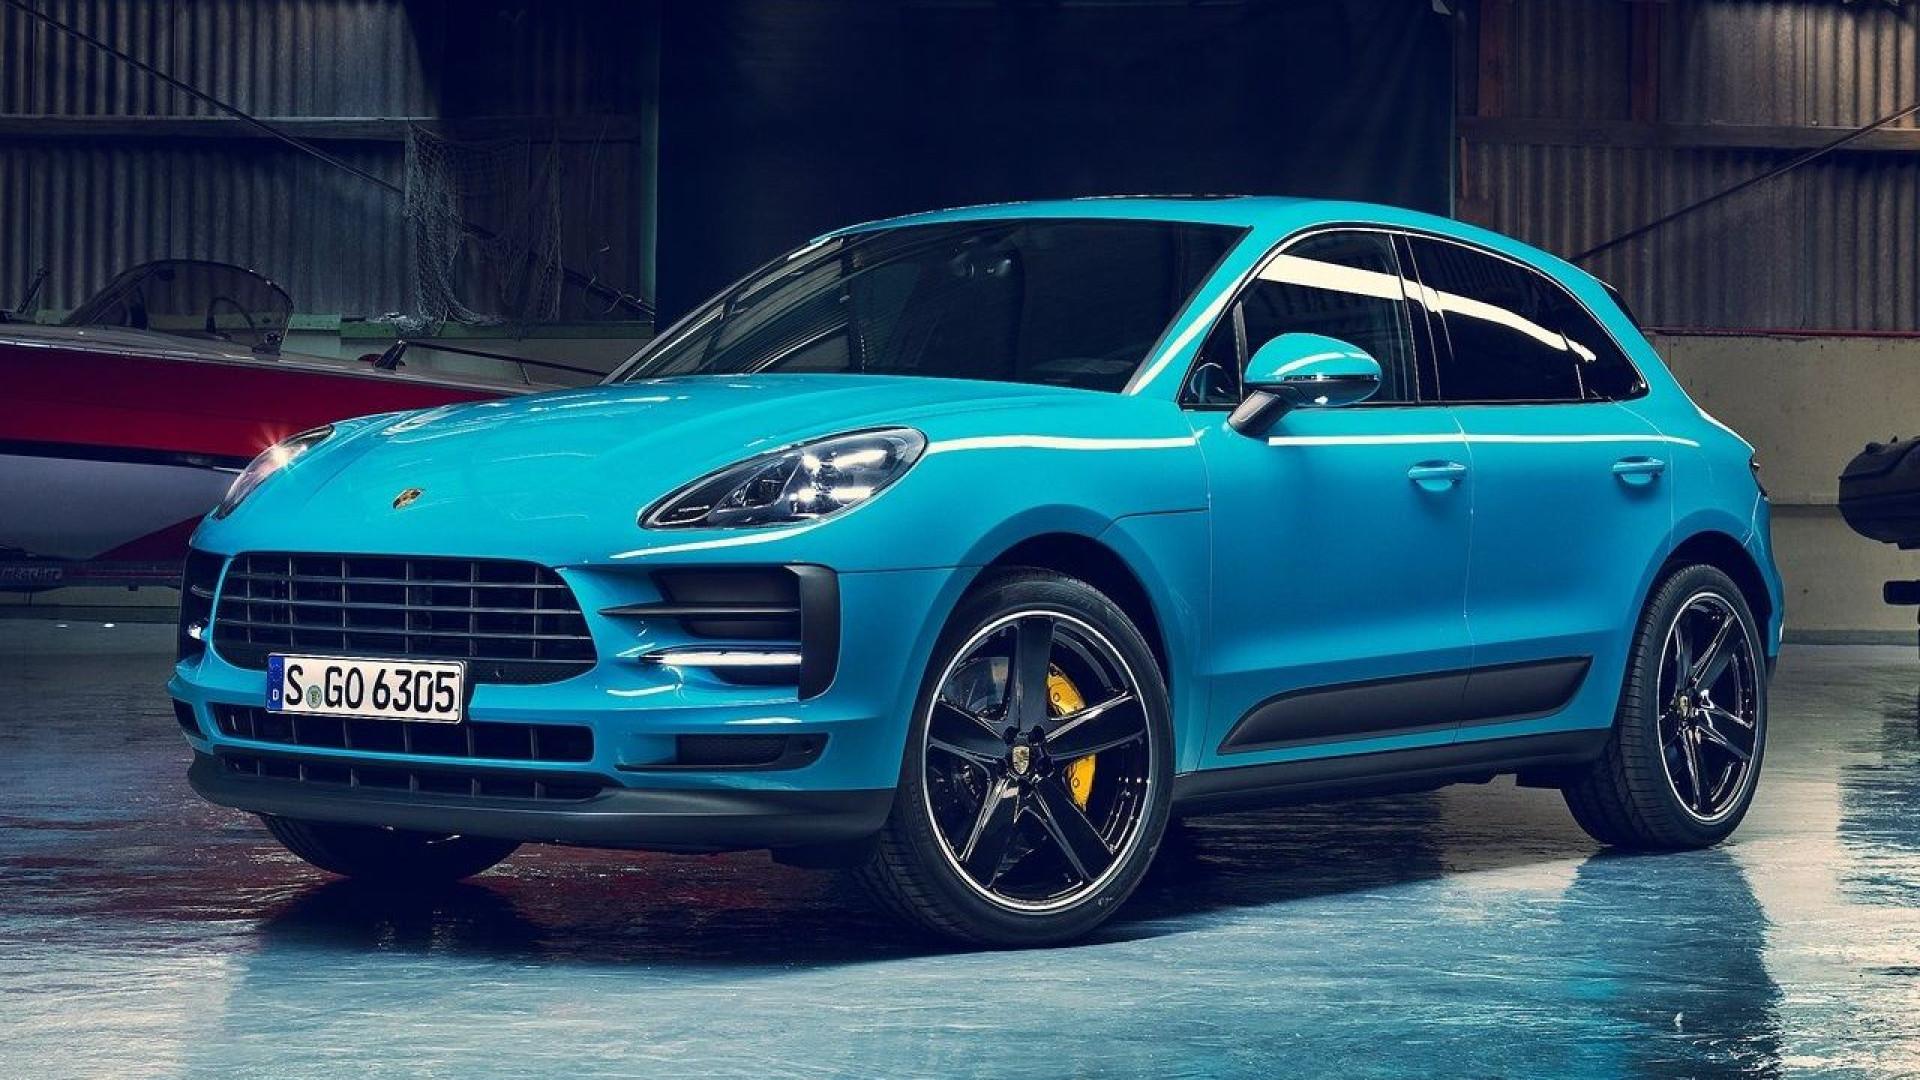 A Porsche desvendou o novo Macan. Já conhece?